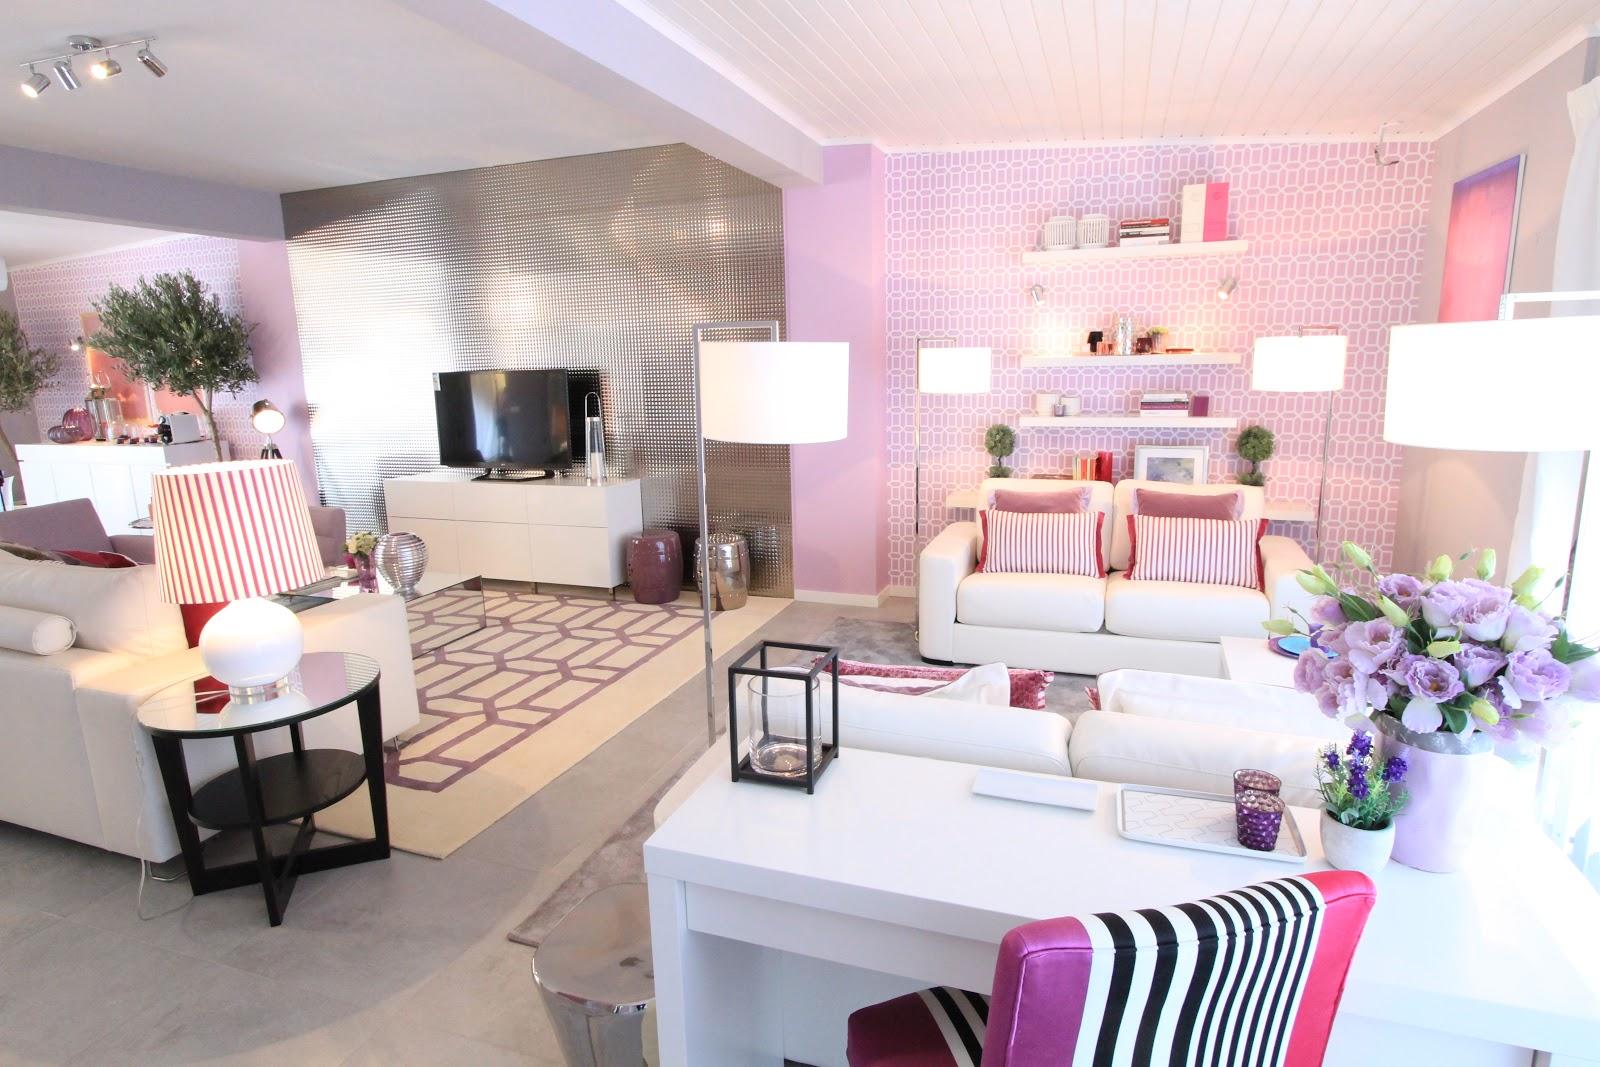 Bricolage e decora o decora o de sala com kitchenet no - Decoradores de casa ...